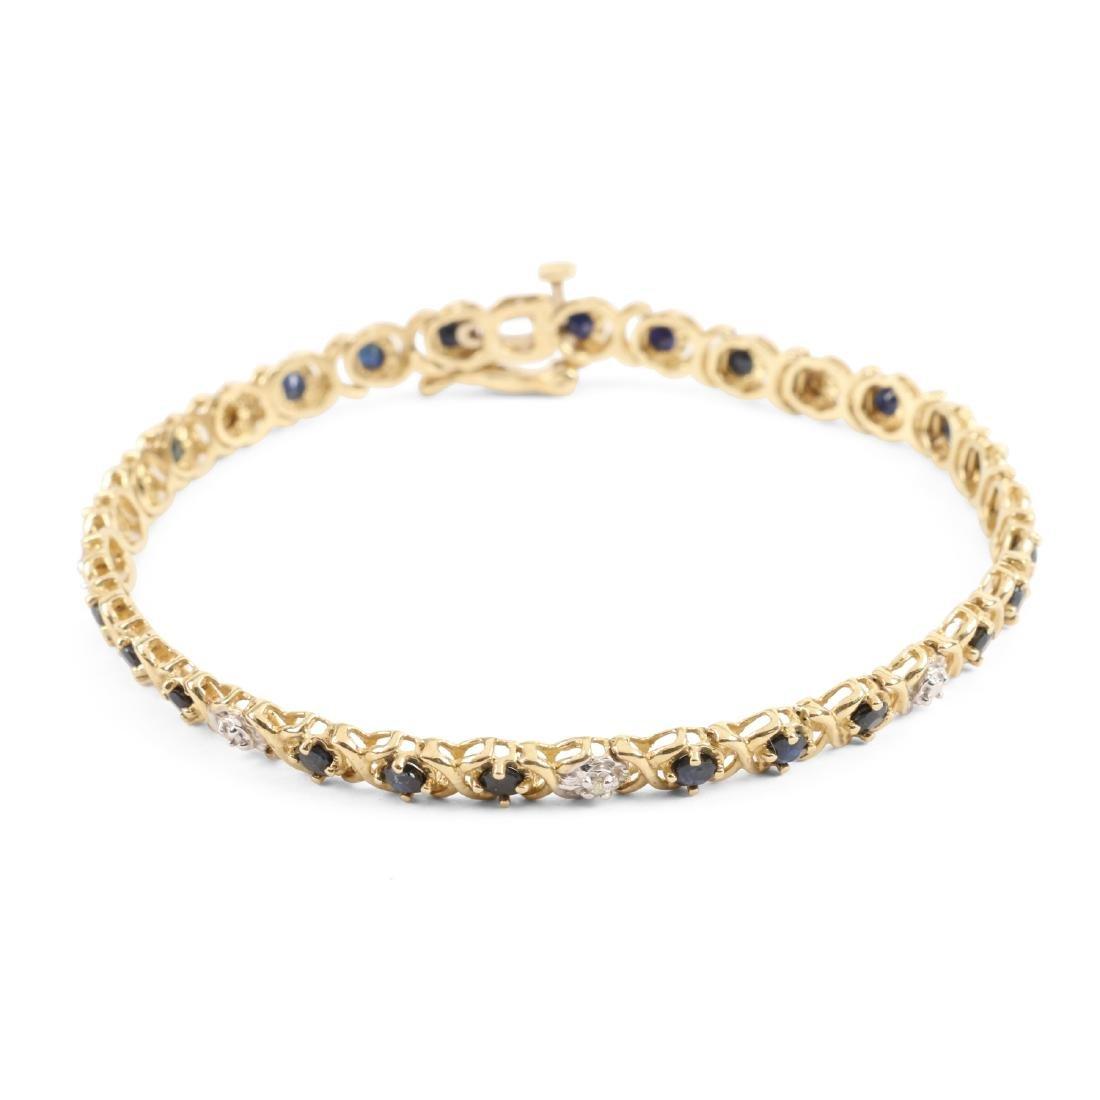 A 14K Gold, Sapphire & Diamond Bracelet